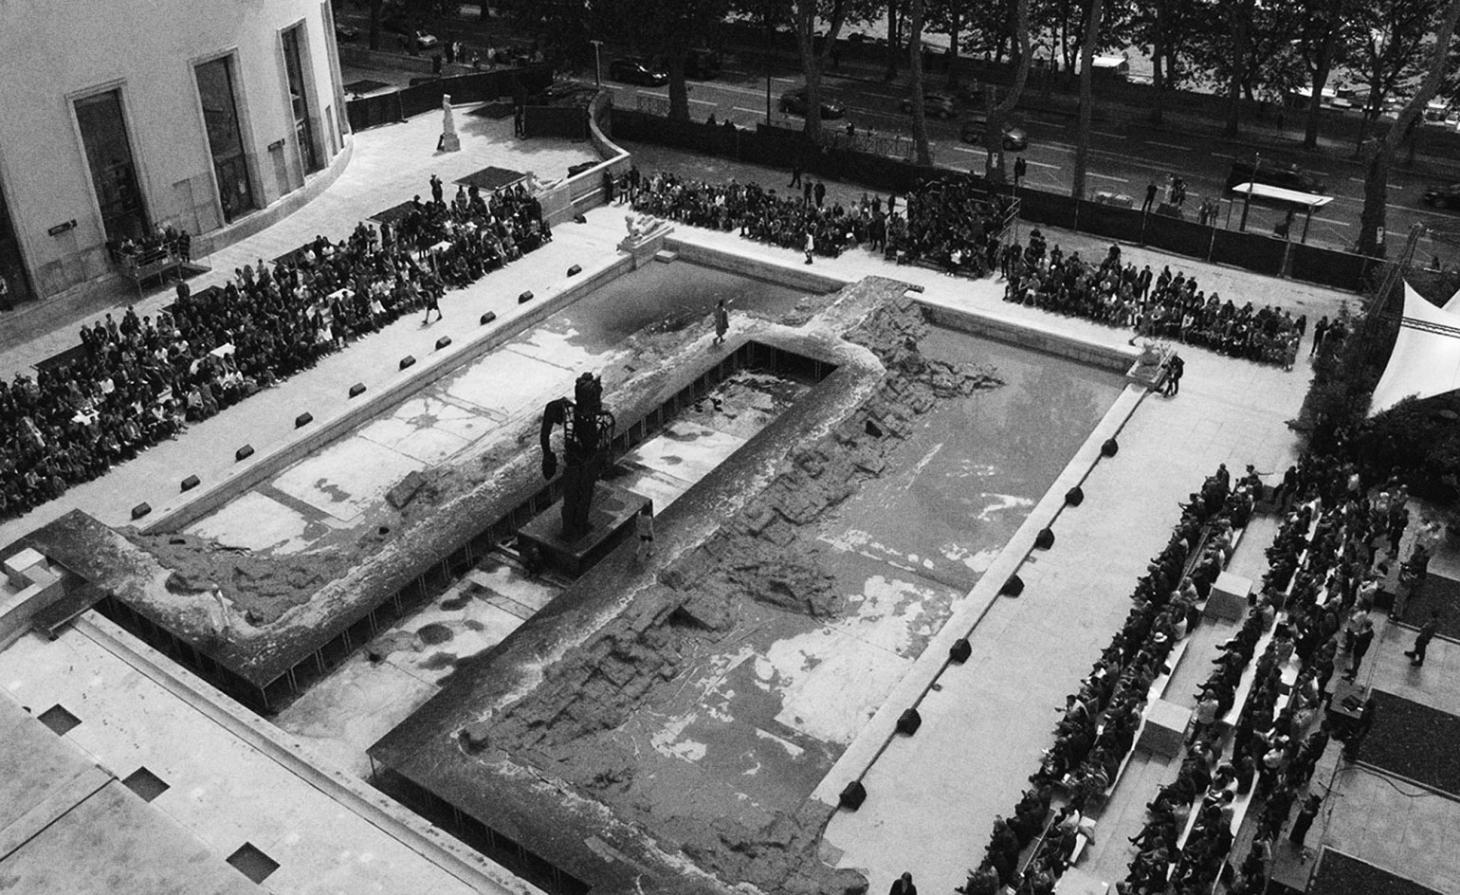 No Palais de Tokyo, Owens usou a fonte drenada ao ar livre e instalou um fio de bronze preto do artista britânico Thomas Houseago. O artista também permitiu que Owens usasse uma imagem de uma de suas esculturas de parede como arte de convite da marca / Reprodução